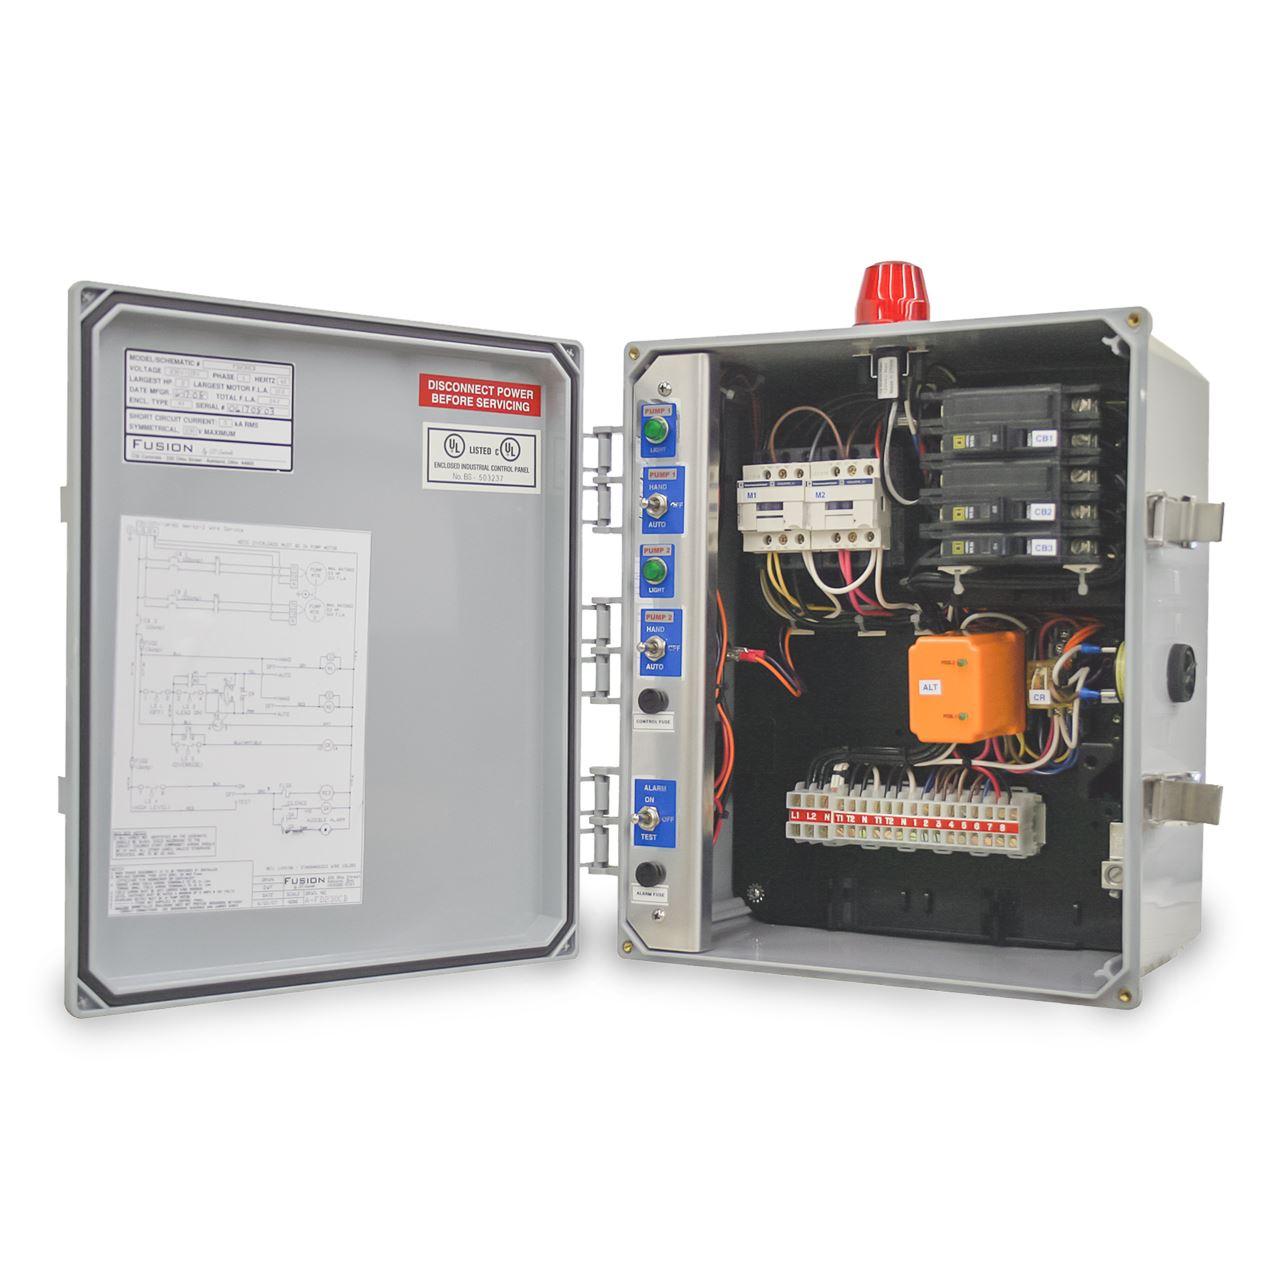 small resolution of  diagram 87a jeep fuel pump relay csi controls csi controls fd230cb fc20 x fusion duplex pump panelcsi controls fd230cb fc20 x fusion